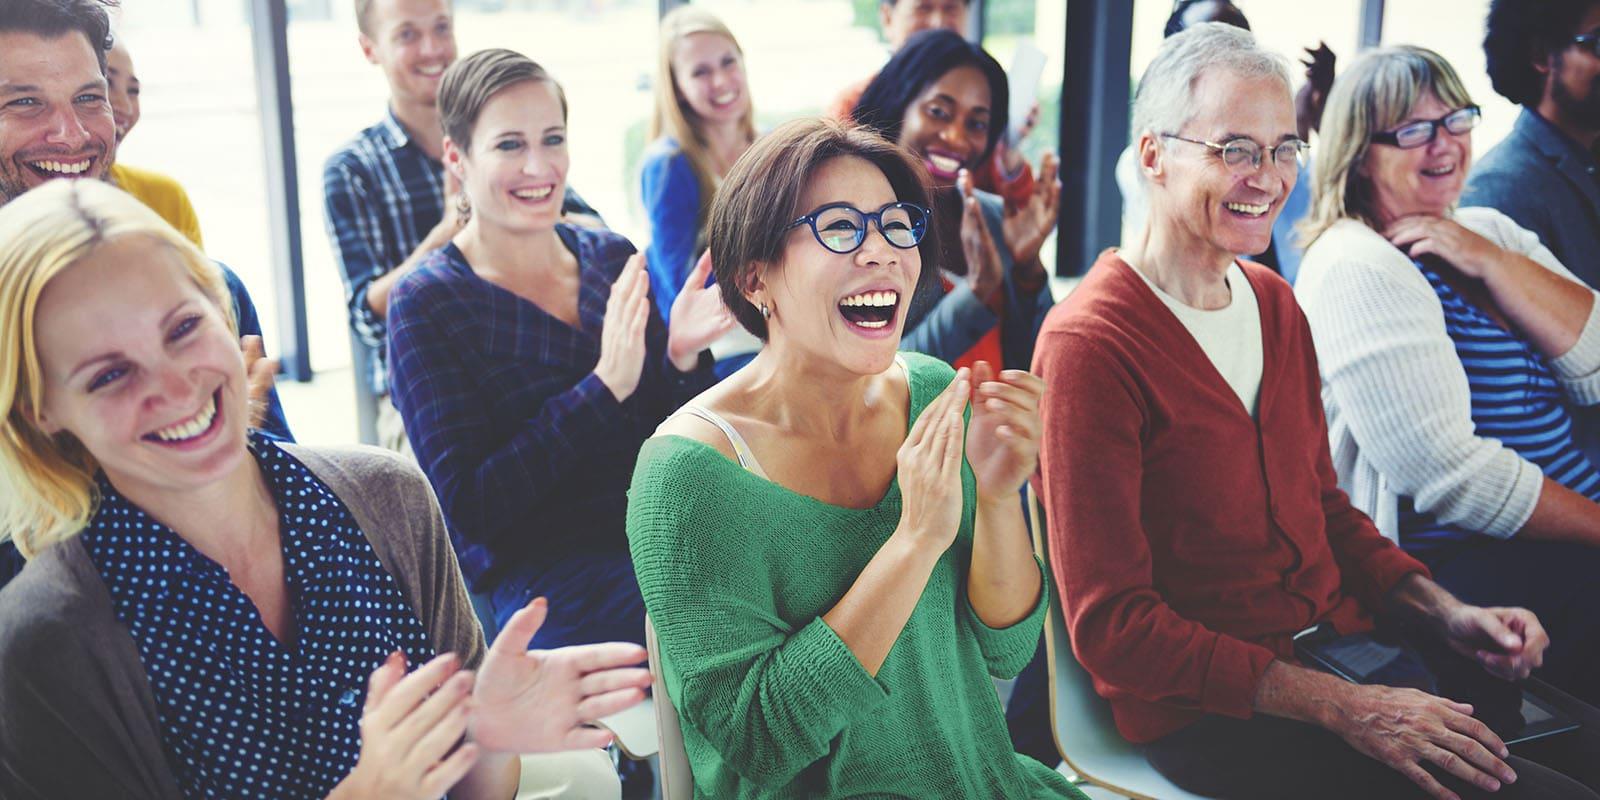 Fotografía gente feliz aplaudiendo